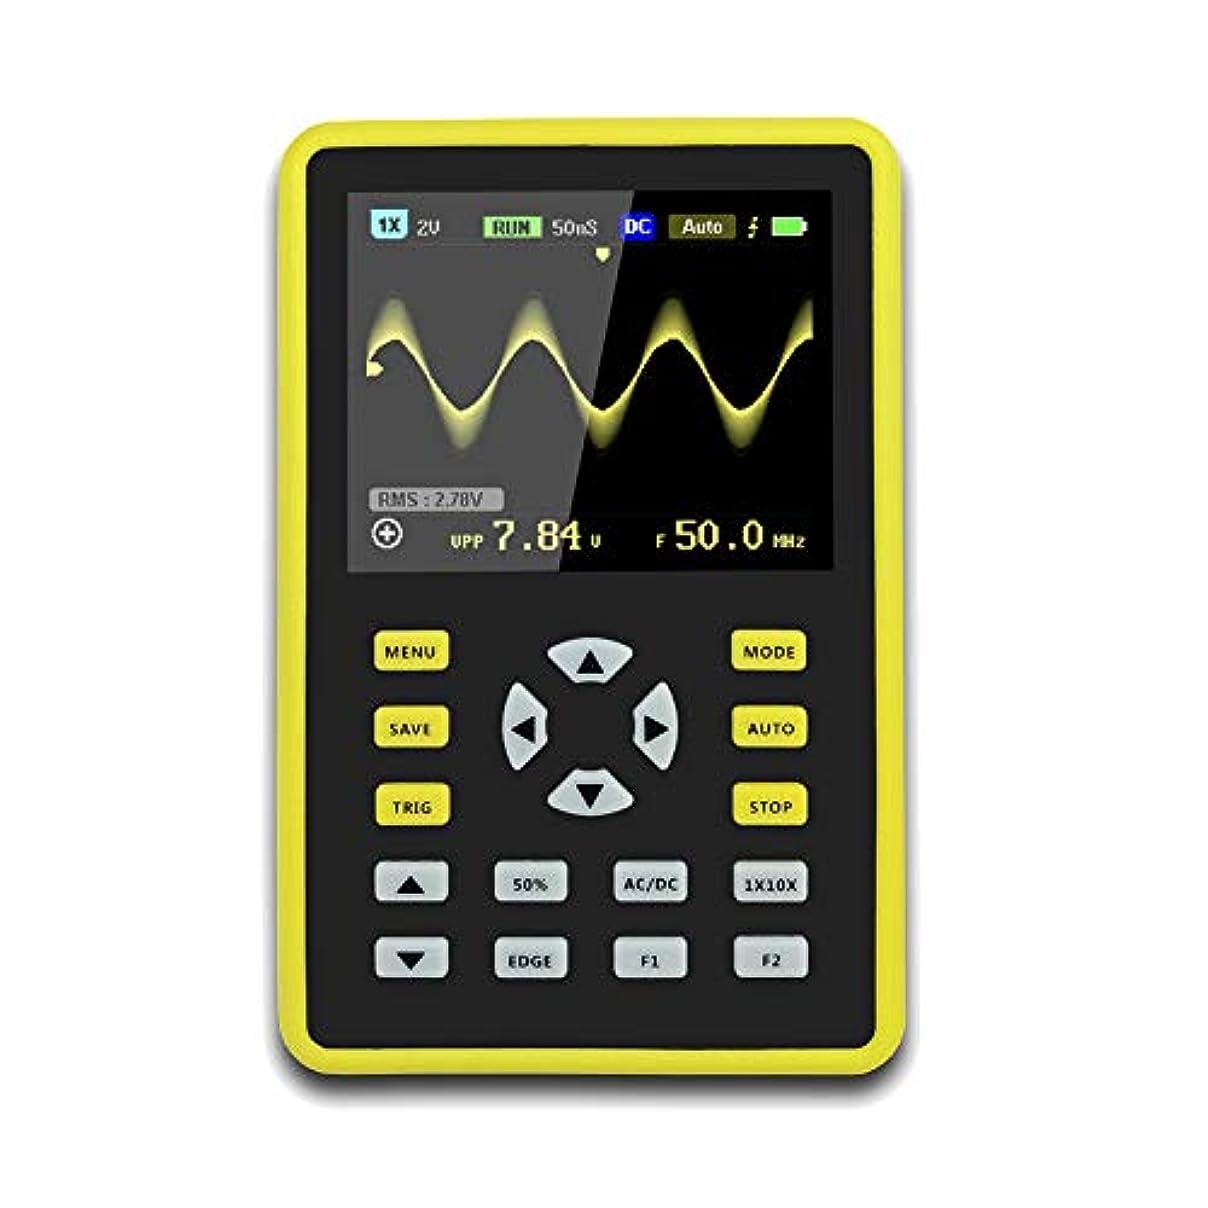 ぐるぐる眠いです脈拍CoolTack  手持ち型デジタル小型オシロスコープ2.4インチ500 MS/s IPS LCD表示スクリーンの携帯用